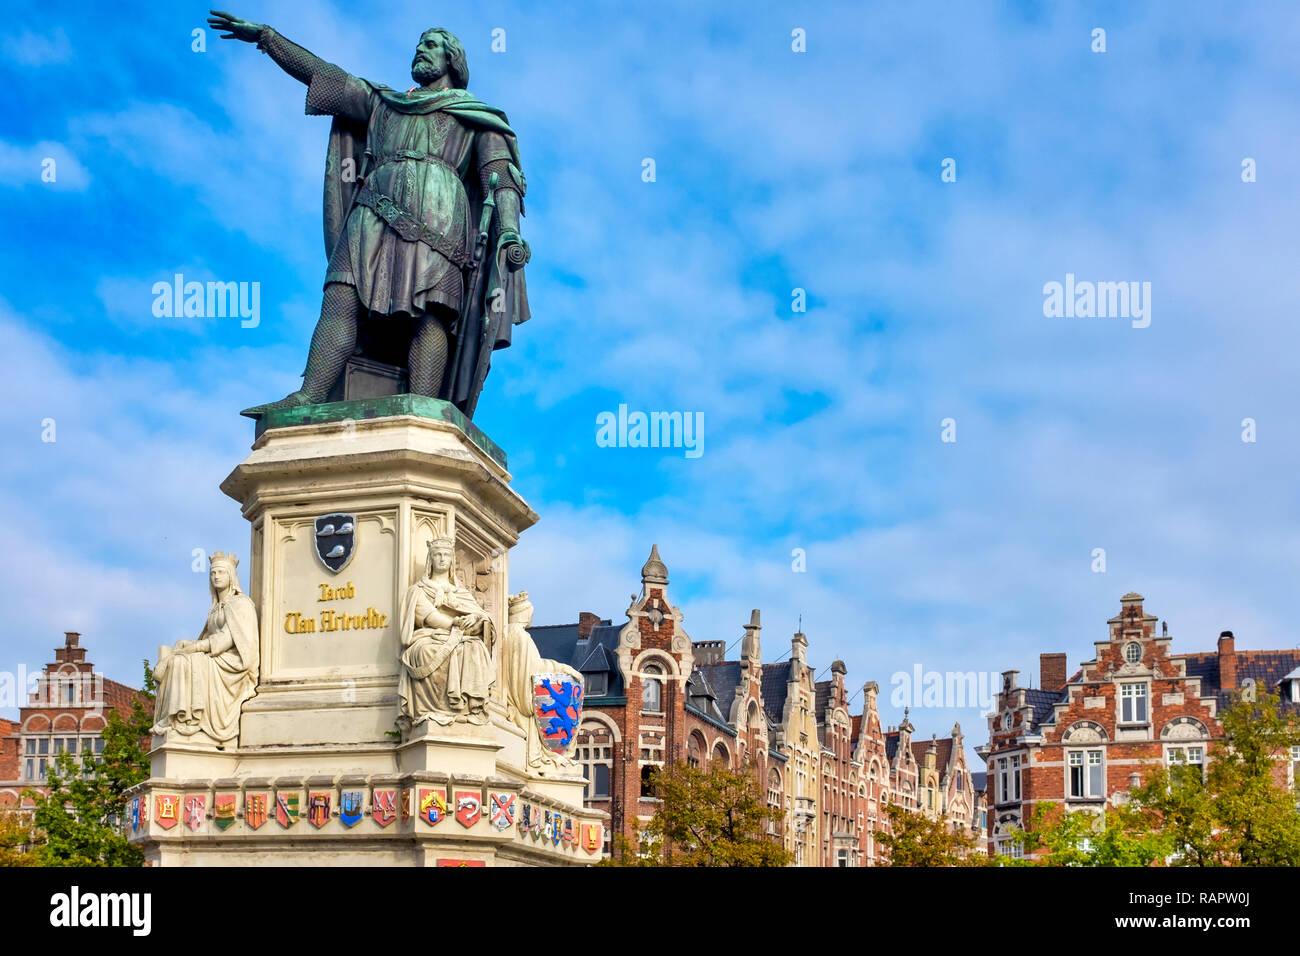 Vrijdagmarkt, Ghent, Flanders, Belgium - Stock Image